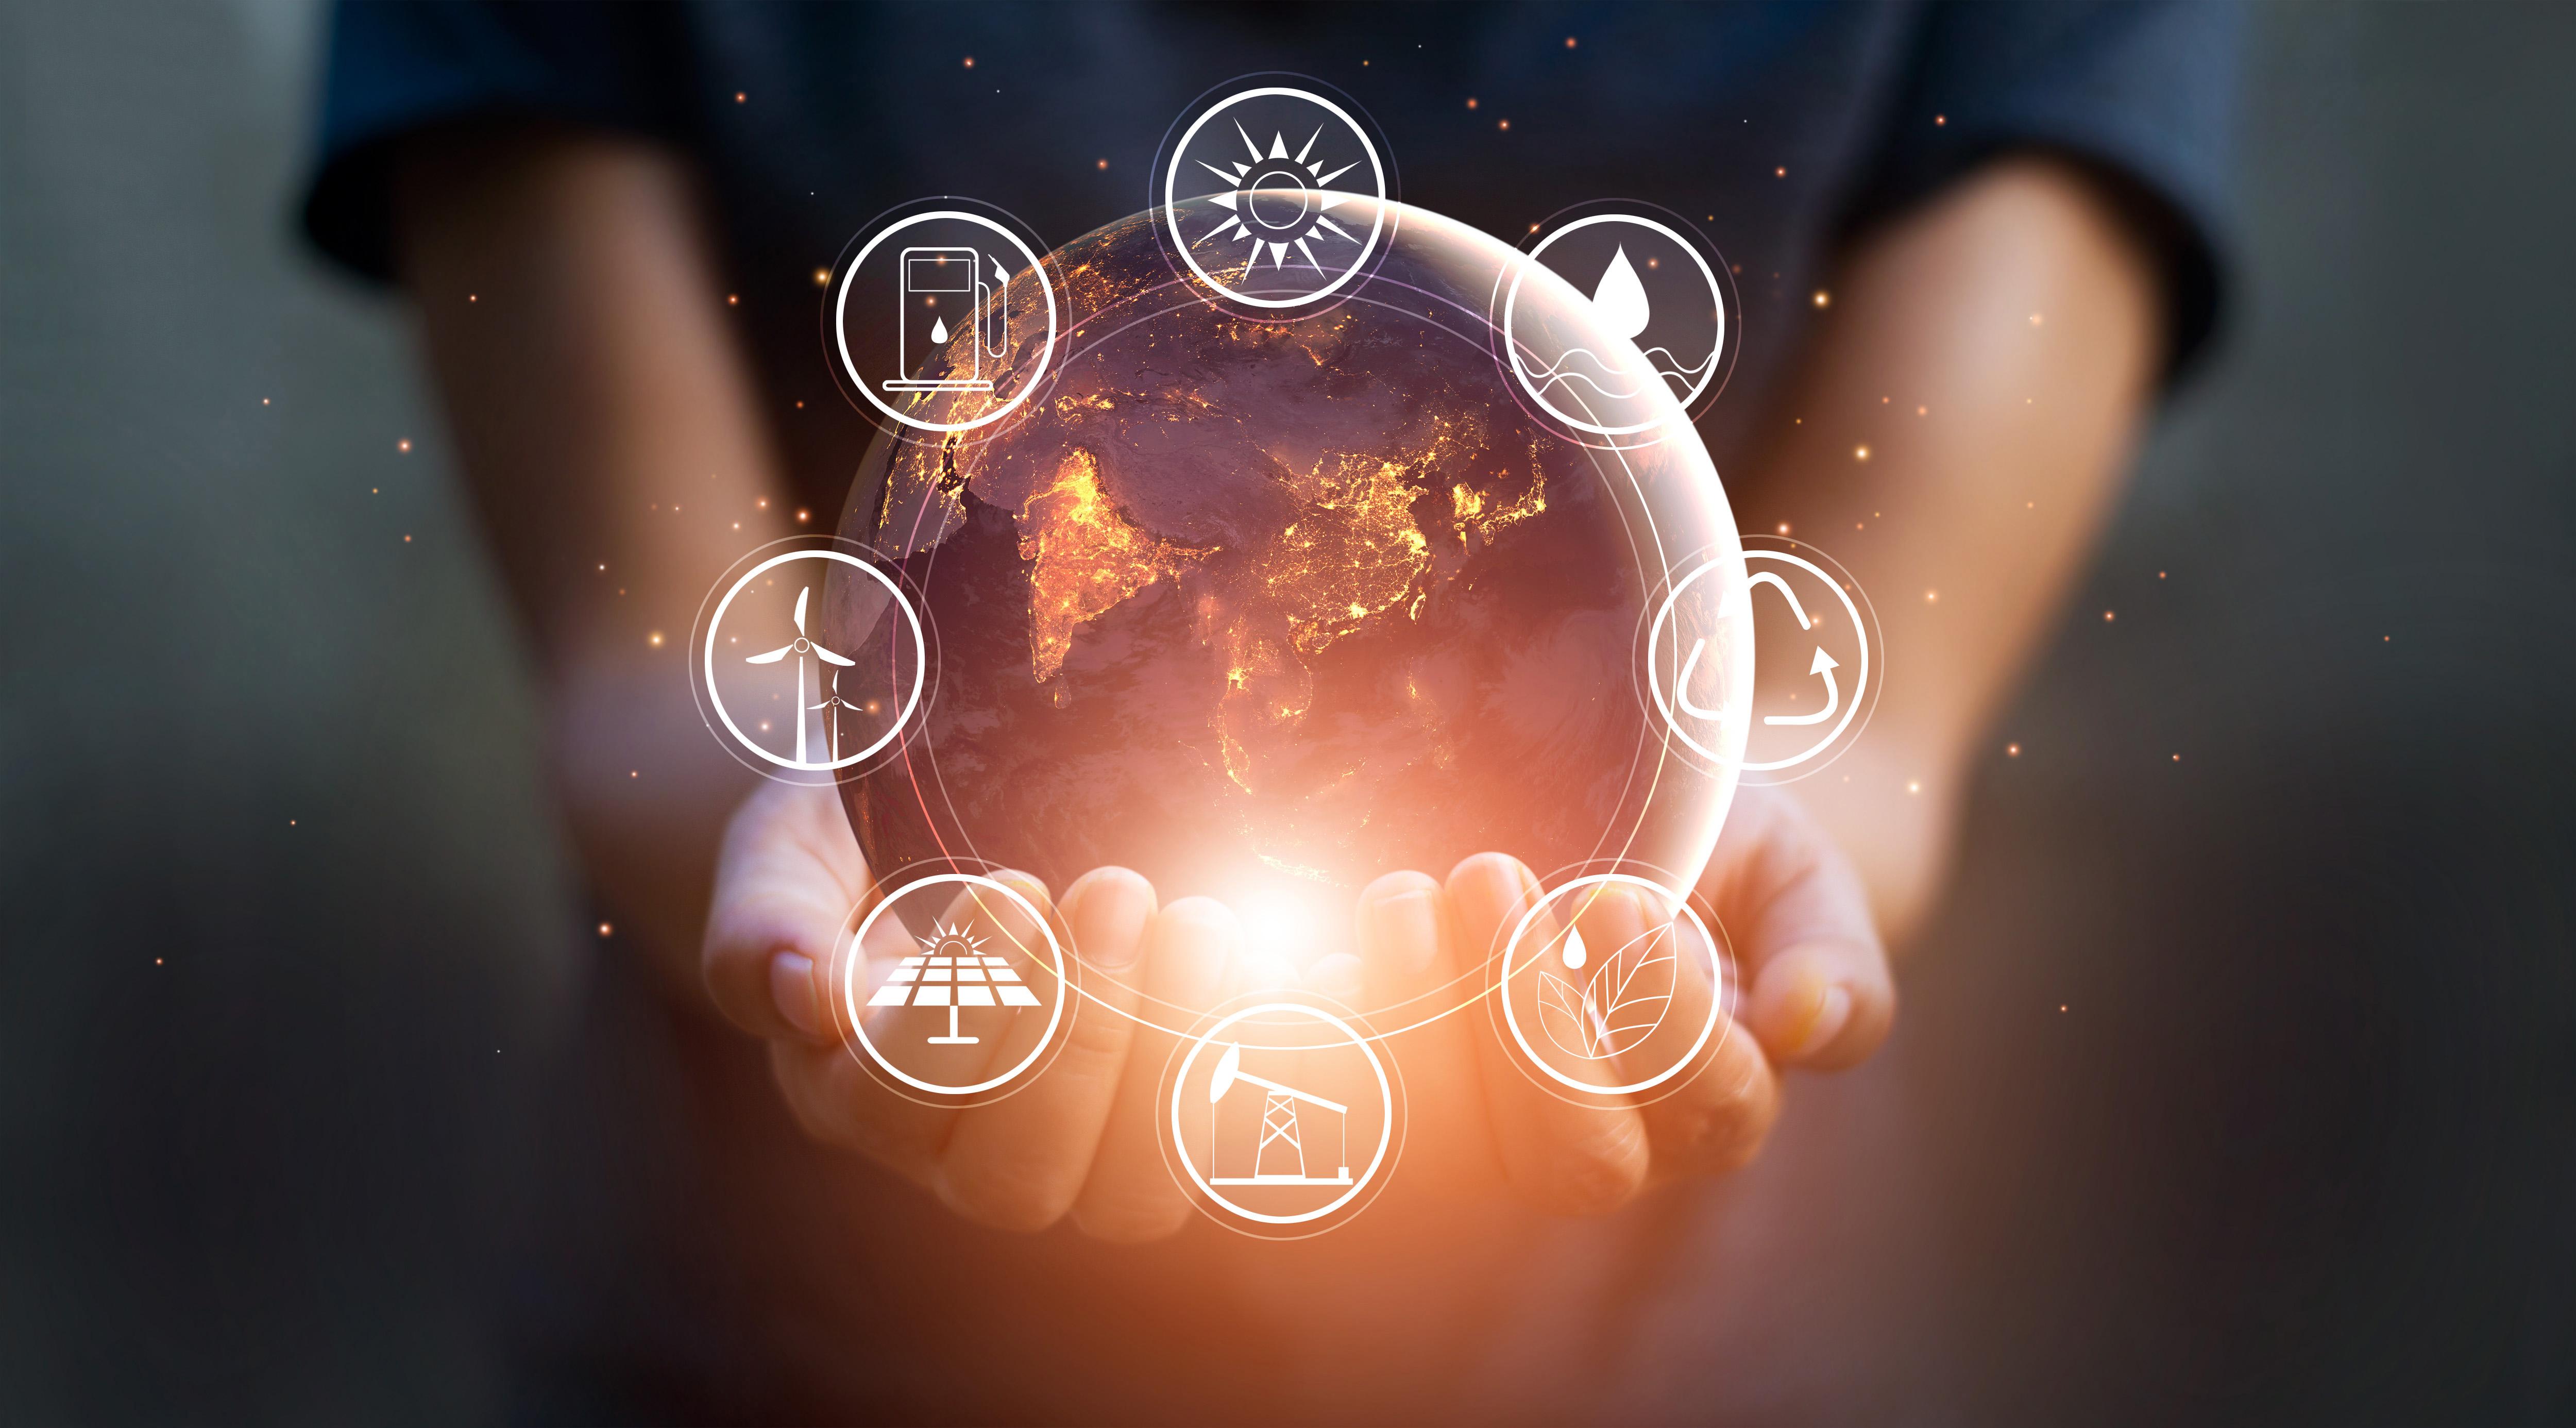 Les Chroniques de l'IFG, «La transition énergétique : mythe ou réalité ?»